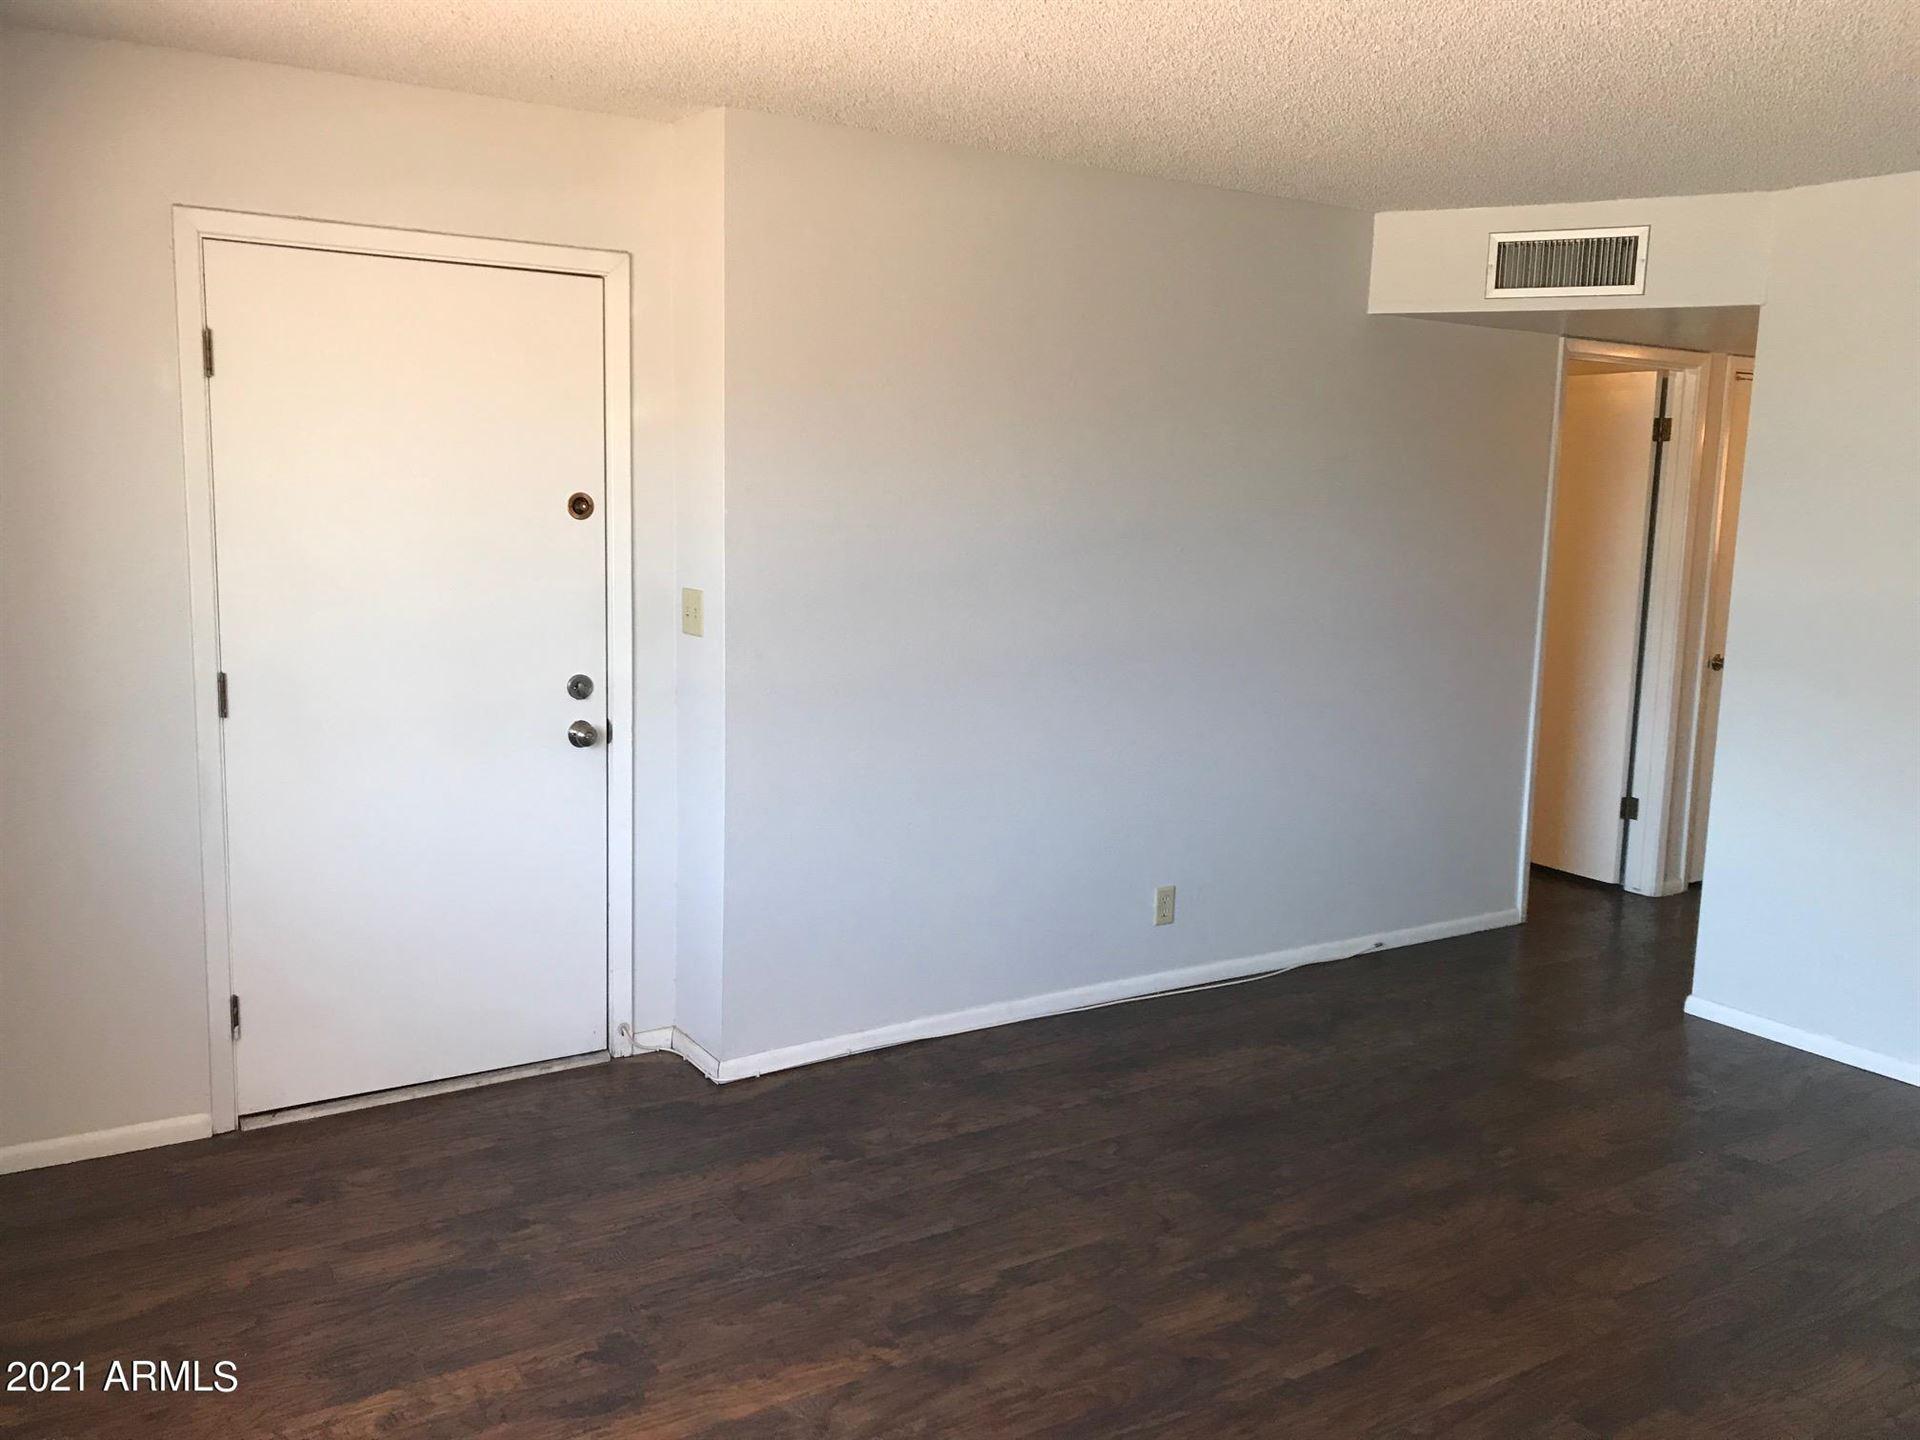 Photo of 6140 E AKRON Street, Mesa, AZ 85205 (MLS # 6232223)